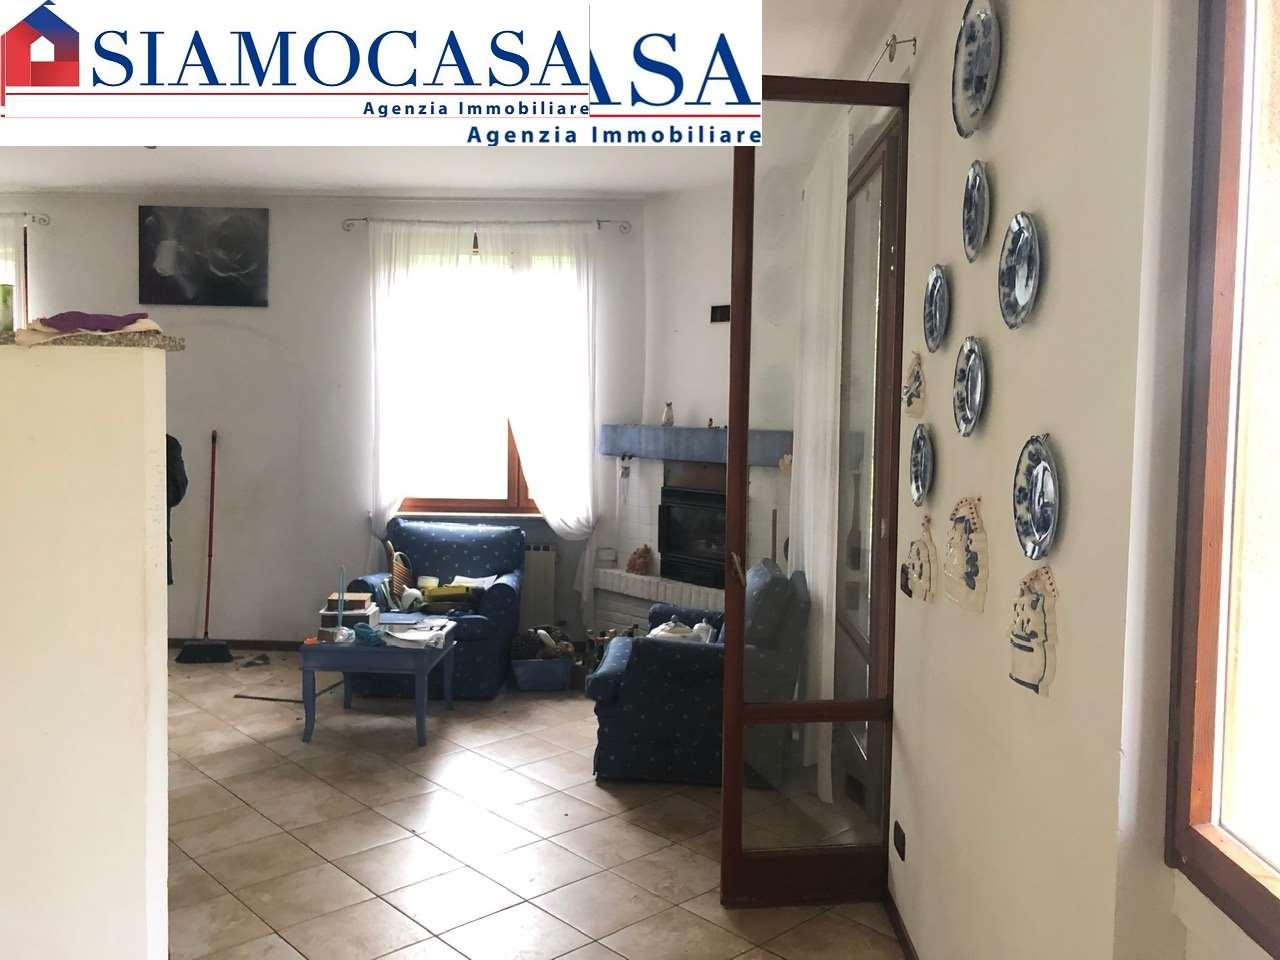 Appartamento in vendita a San Salvatore Monferrato, 3 locali, prezzo € 90.000 | PortaleAgenzieImmobiliari.it